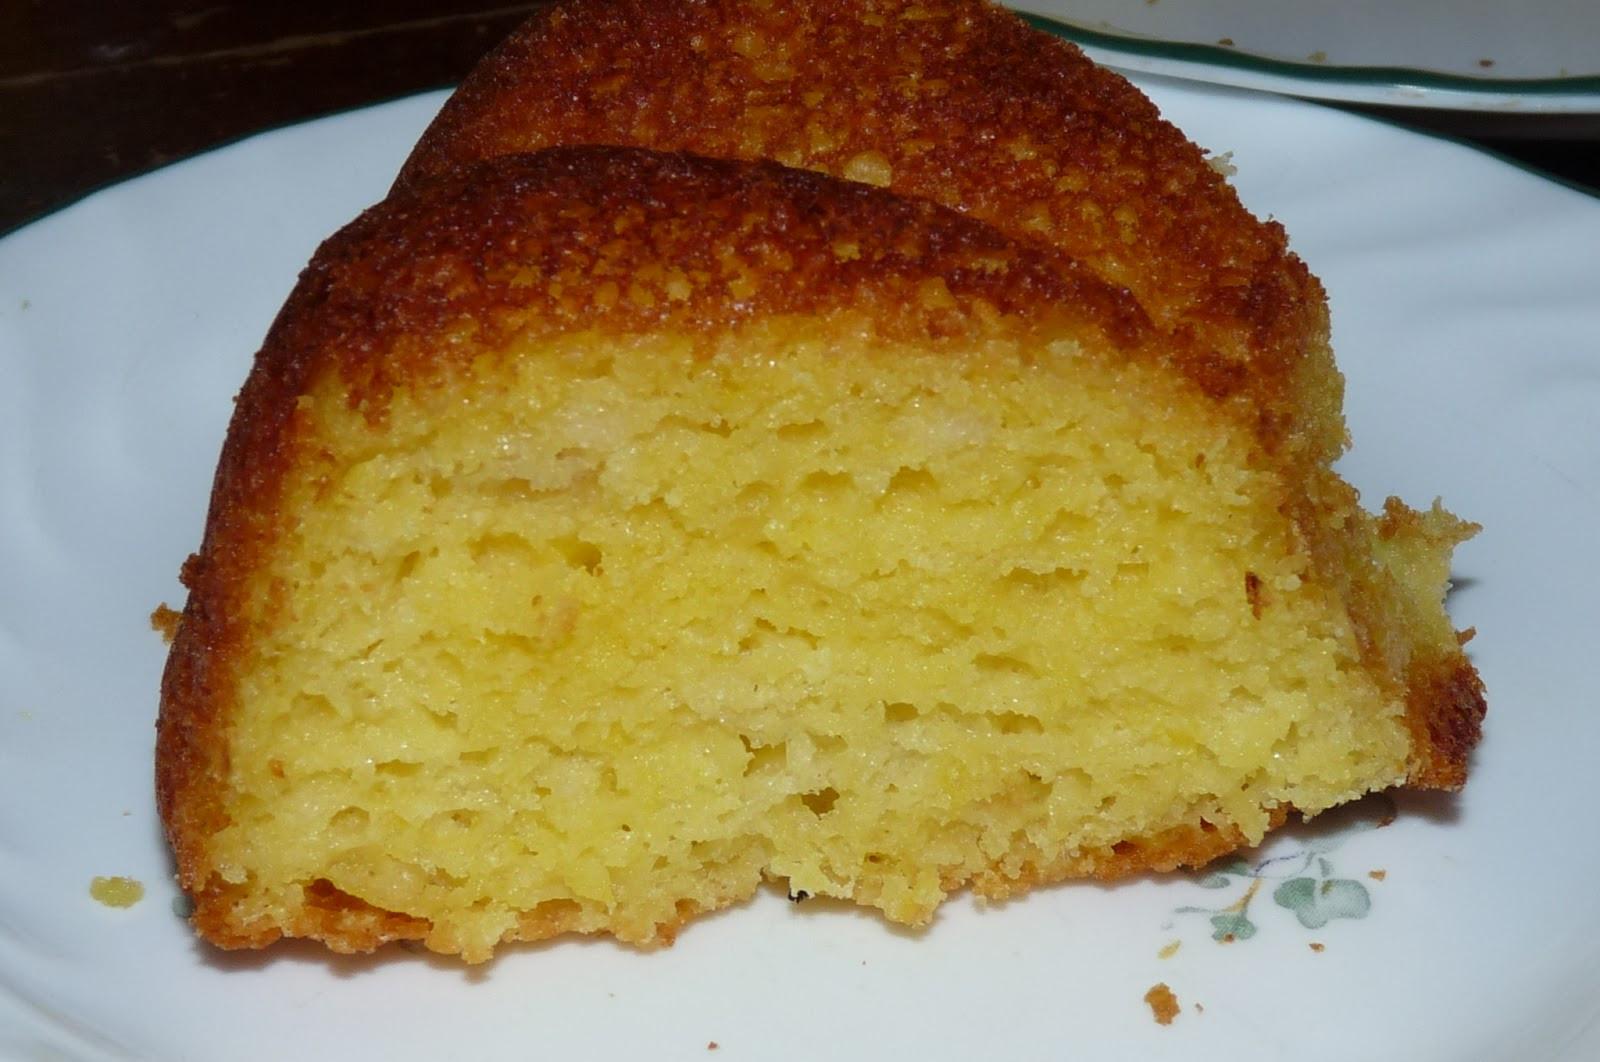 Lemon Cake From Scratch  Gluten Freedom & Loving It Lemon Bundt Cake from Scratch